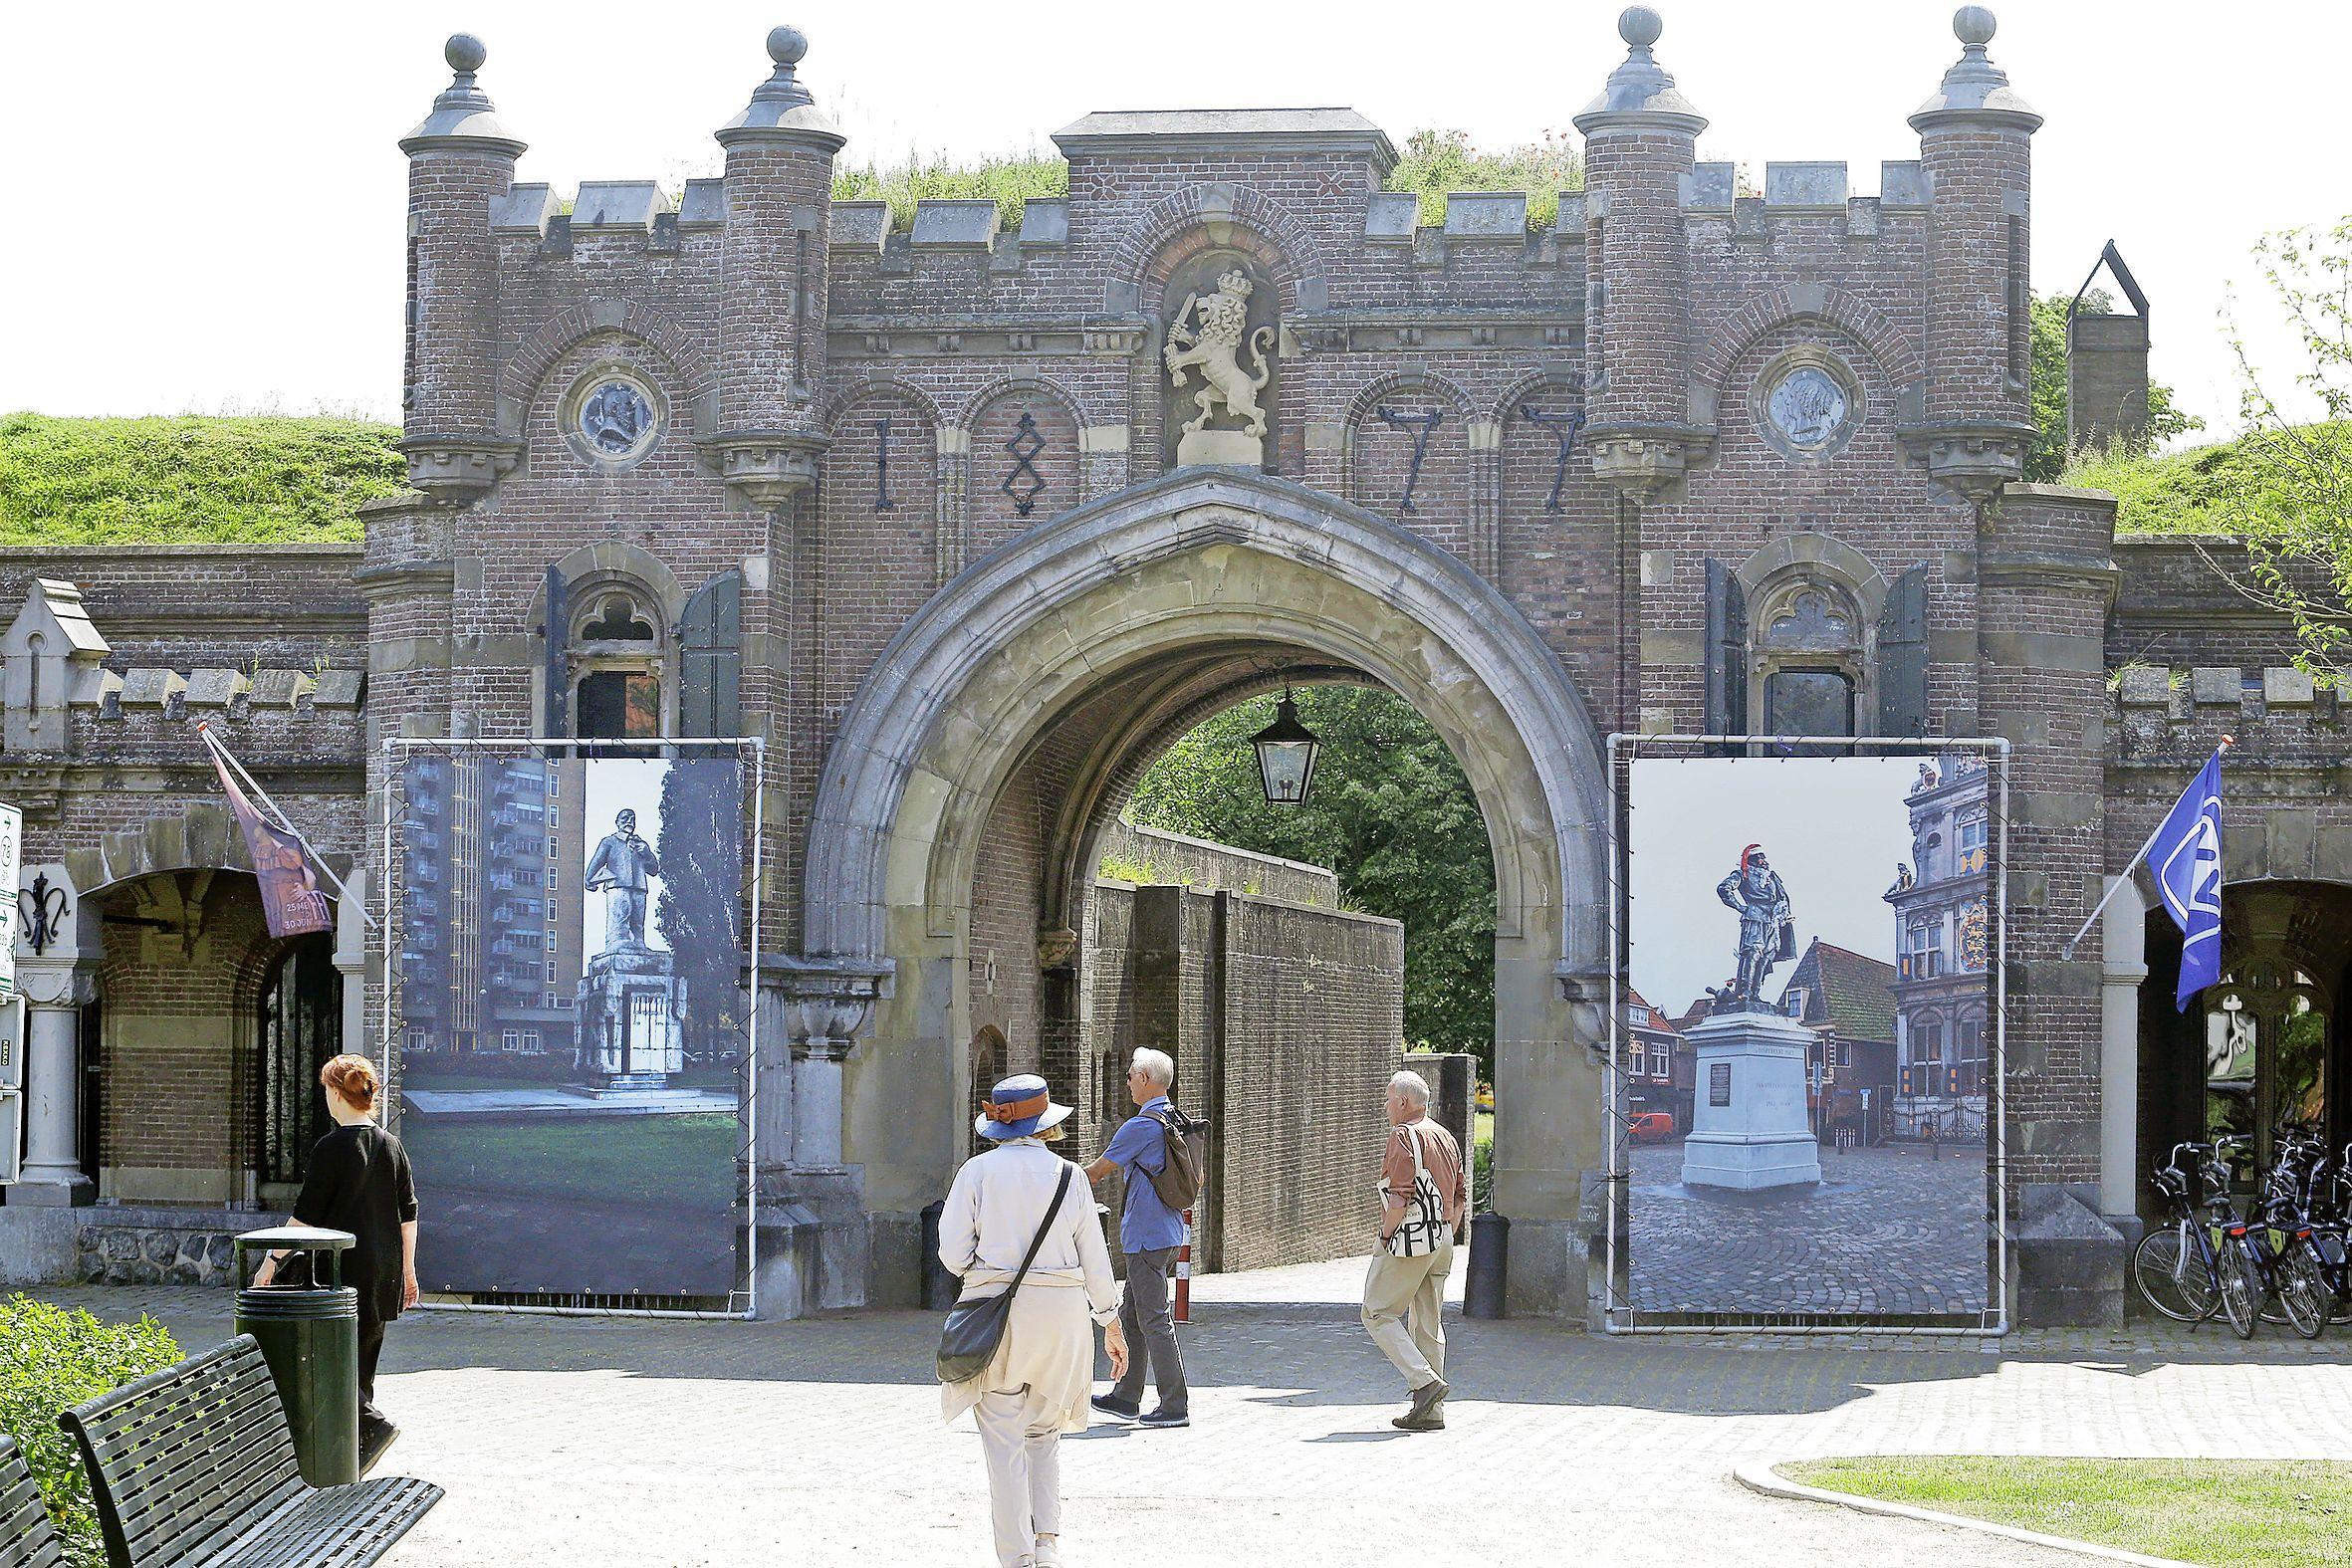 Turbulente tijden voor organisatie FotoFestival Naarden; bestuursvoorzitter Van der Velde is opgelucht dat evenement ondanks corona toch doorgaat: 'Uitstel was voor ons niet acceptabel'